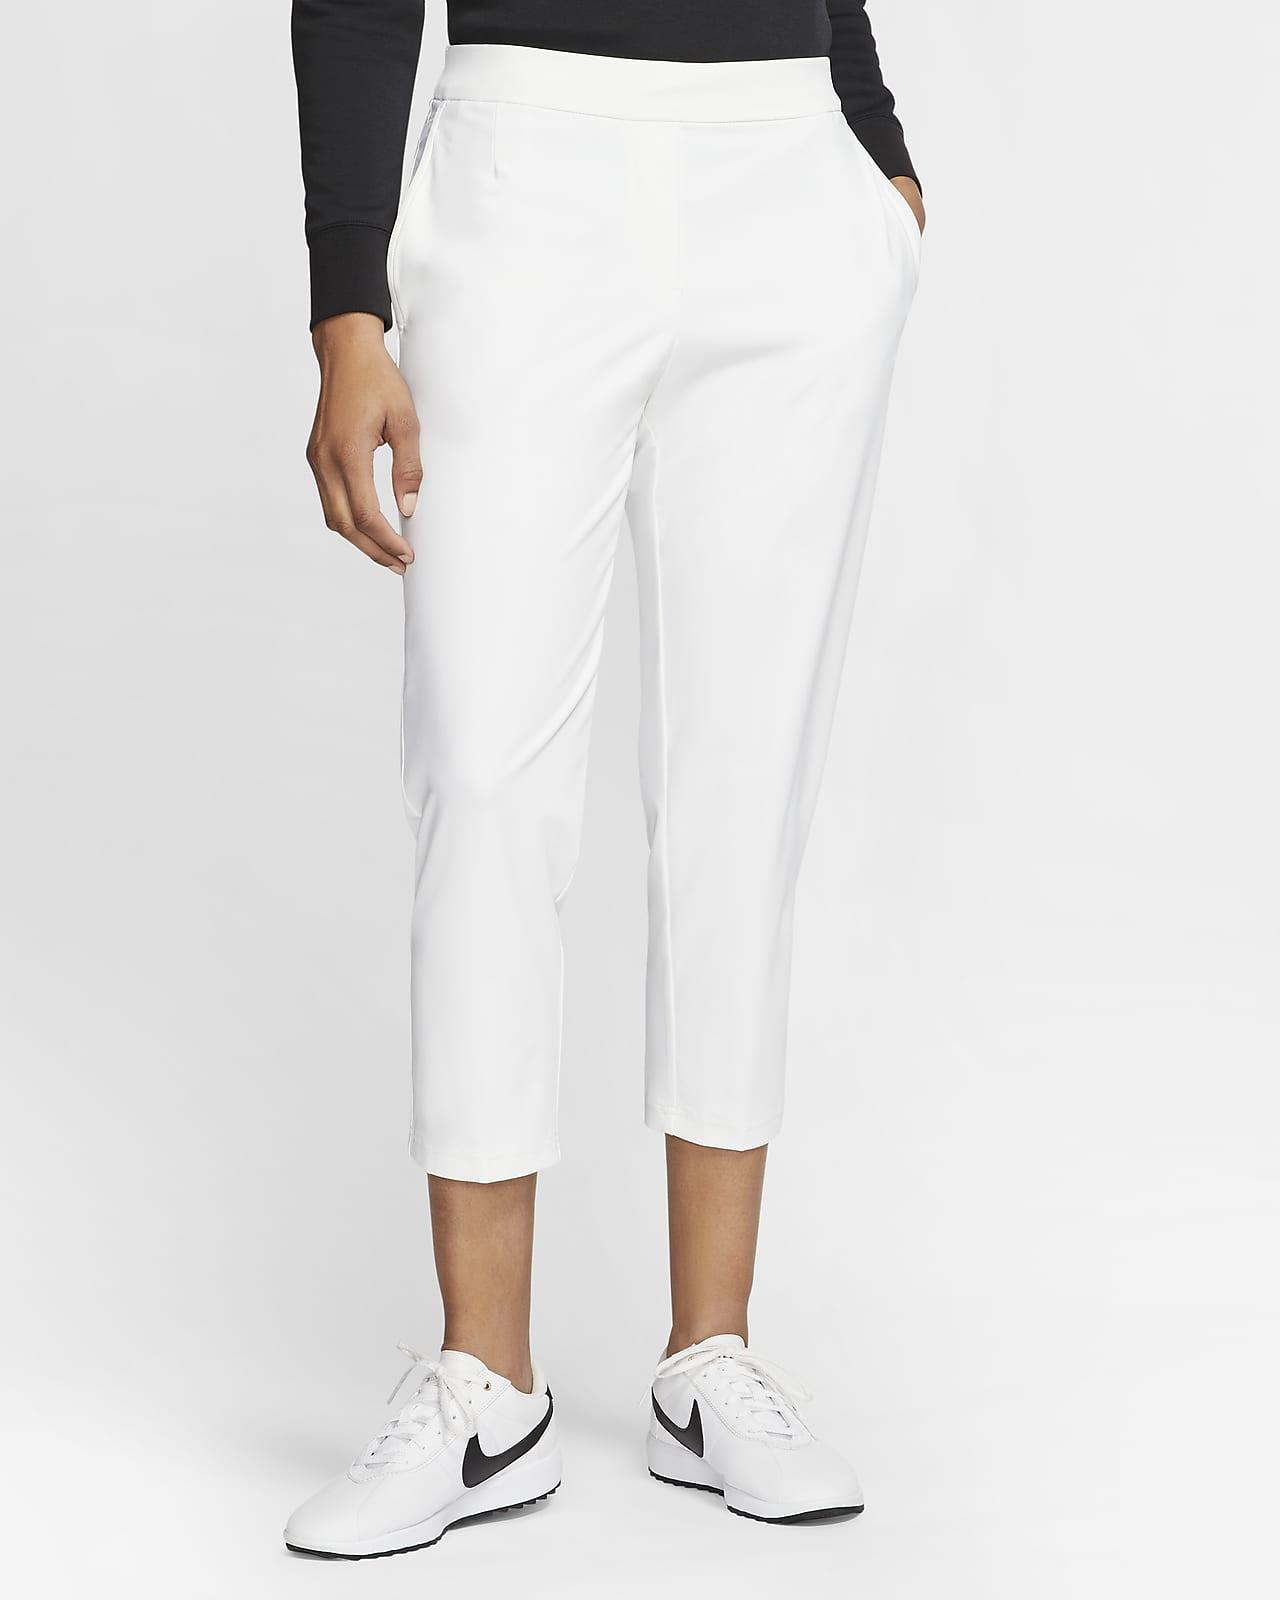 أستراليا صف دراسي تريد Pantalones 3 4 Nike Pleasantgroveumc Net